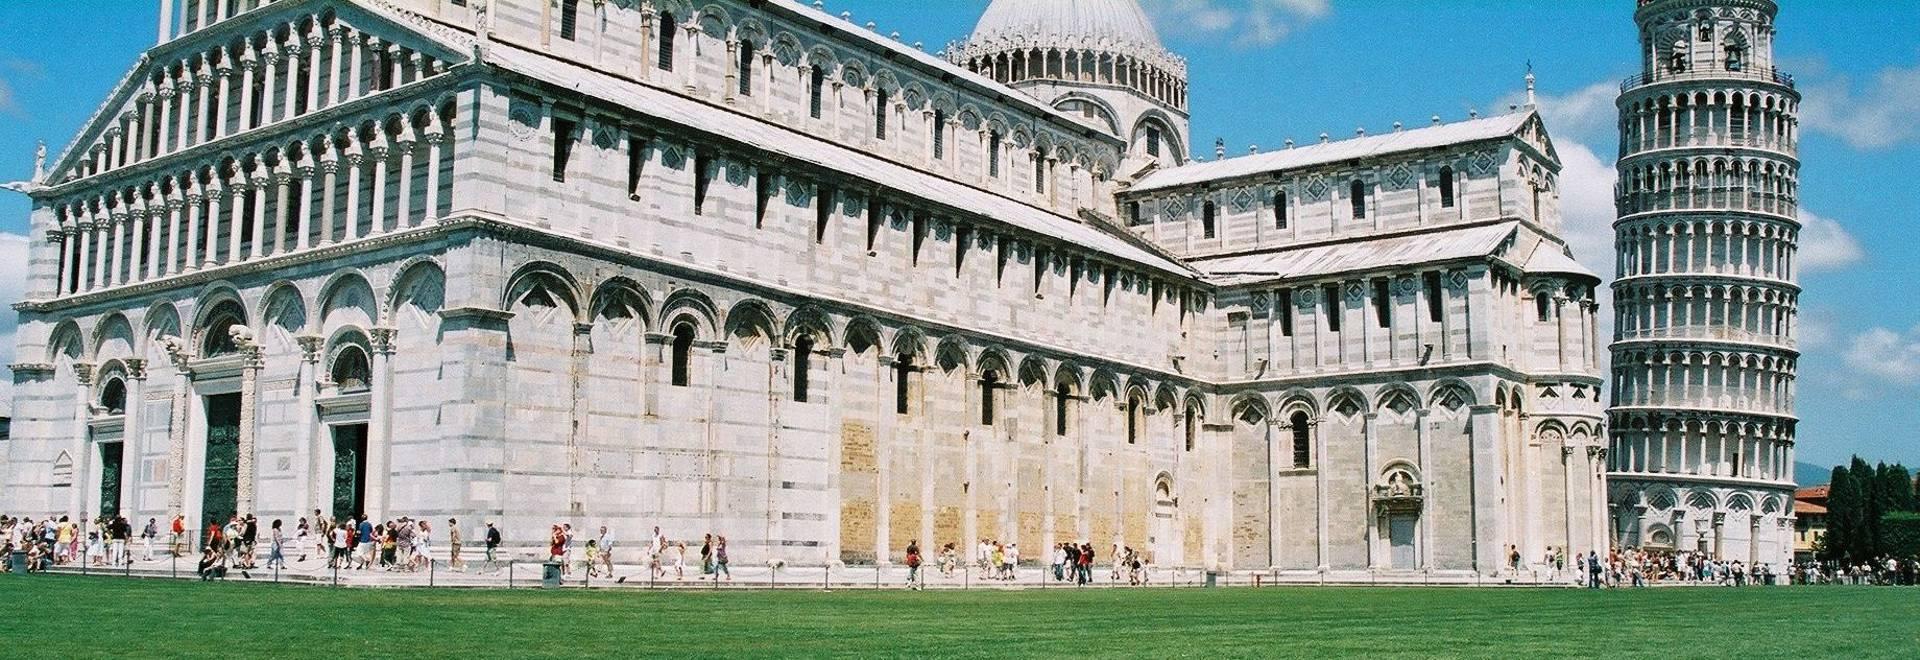 Mediterranean Explorer - Leaning Tower of Pisa.jpg